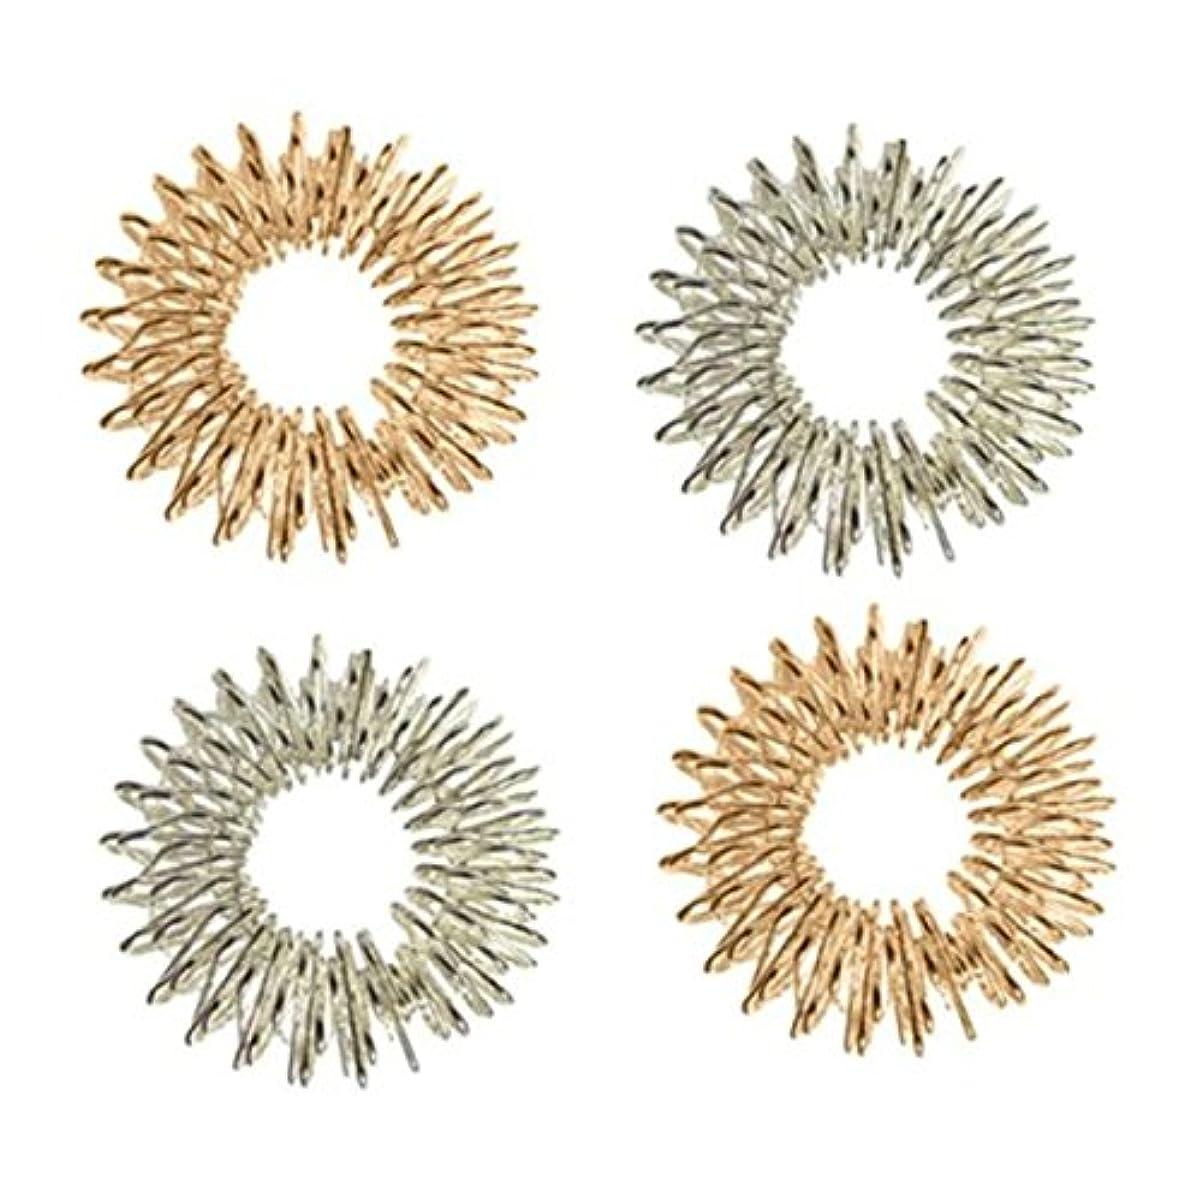 爆風電子レンジ経験的Healifty 4本指圧マッサージリング指の循環リング子供のための十代の若者たちの大人(シルバー+ゴールデン)